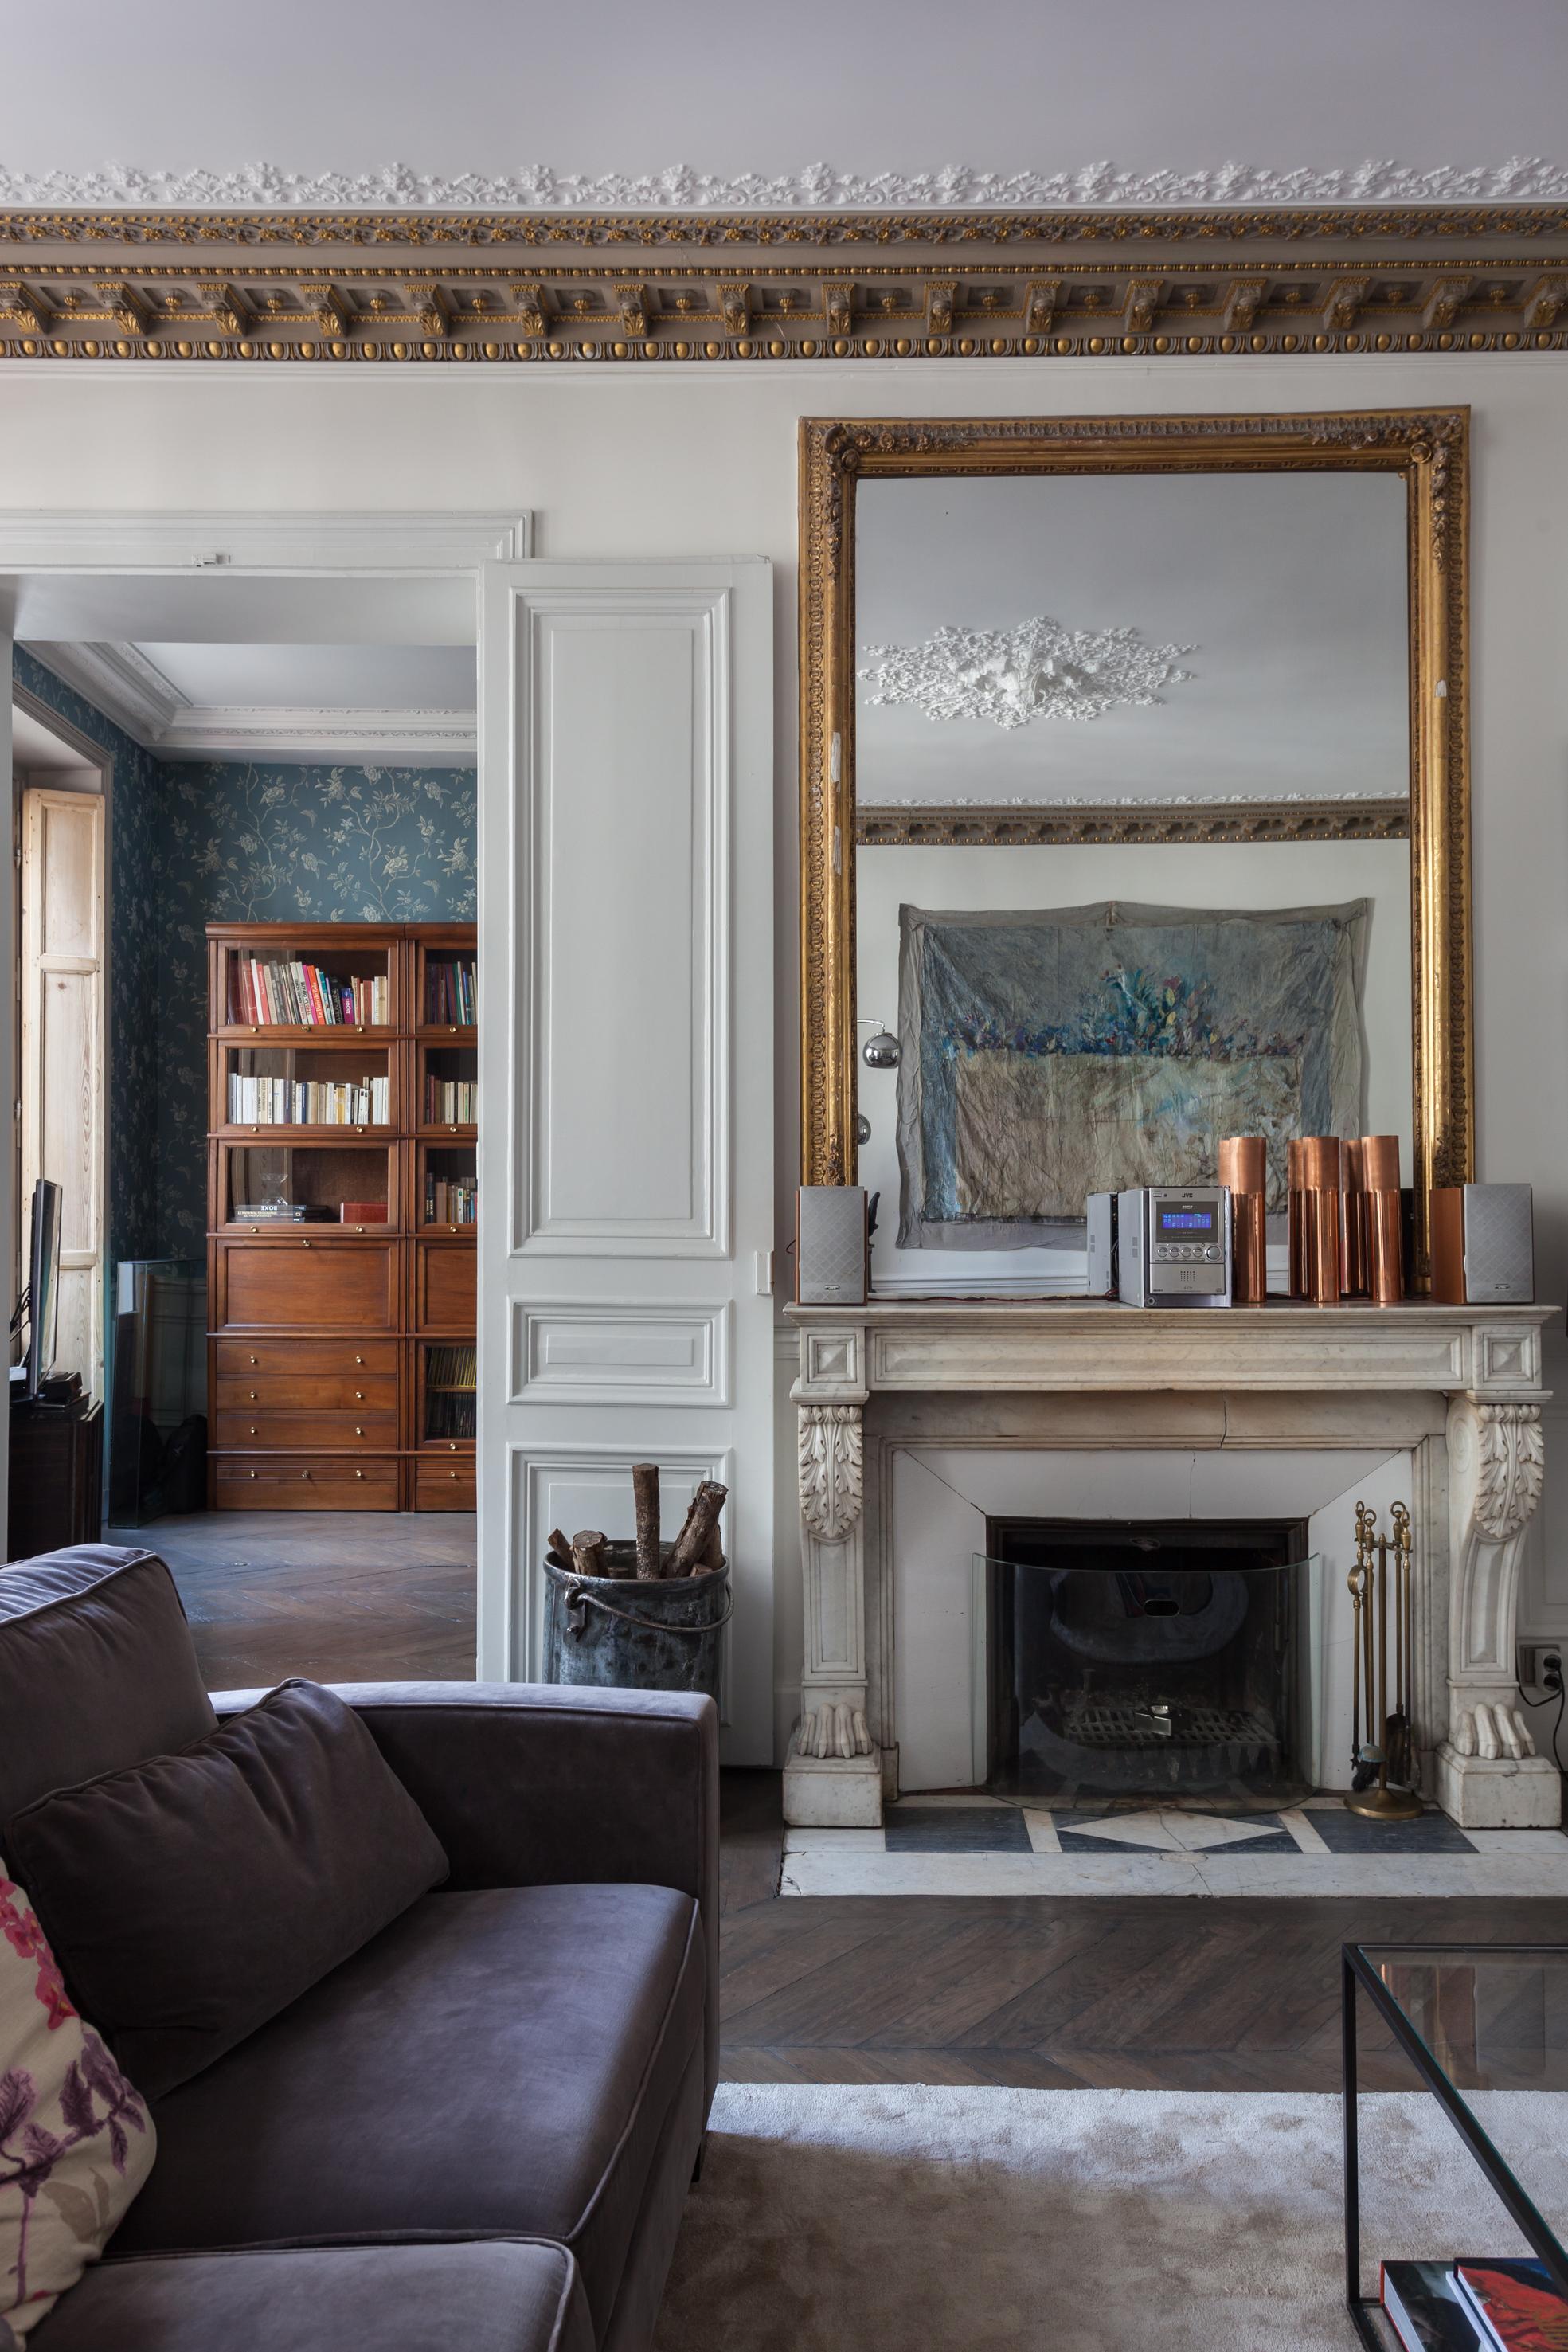 гостиная камин зеркало высокий потолок белые двери паркет